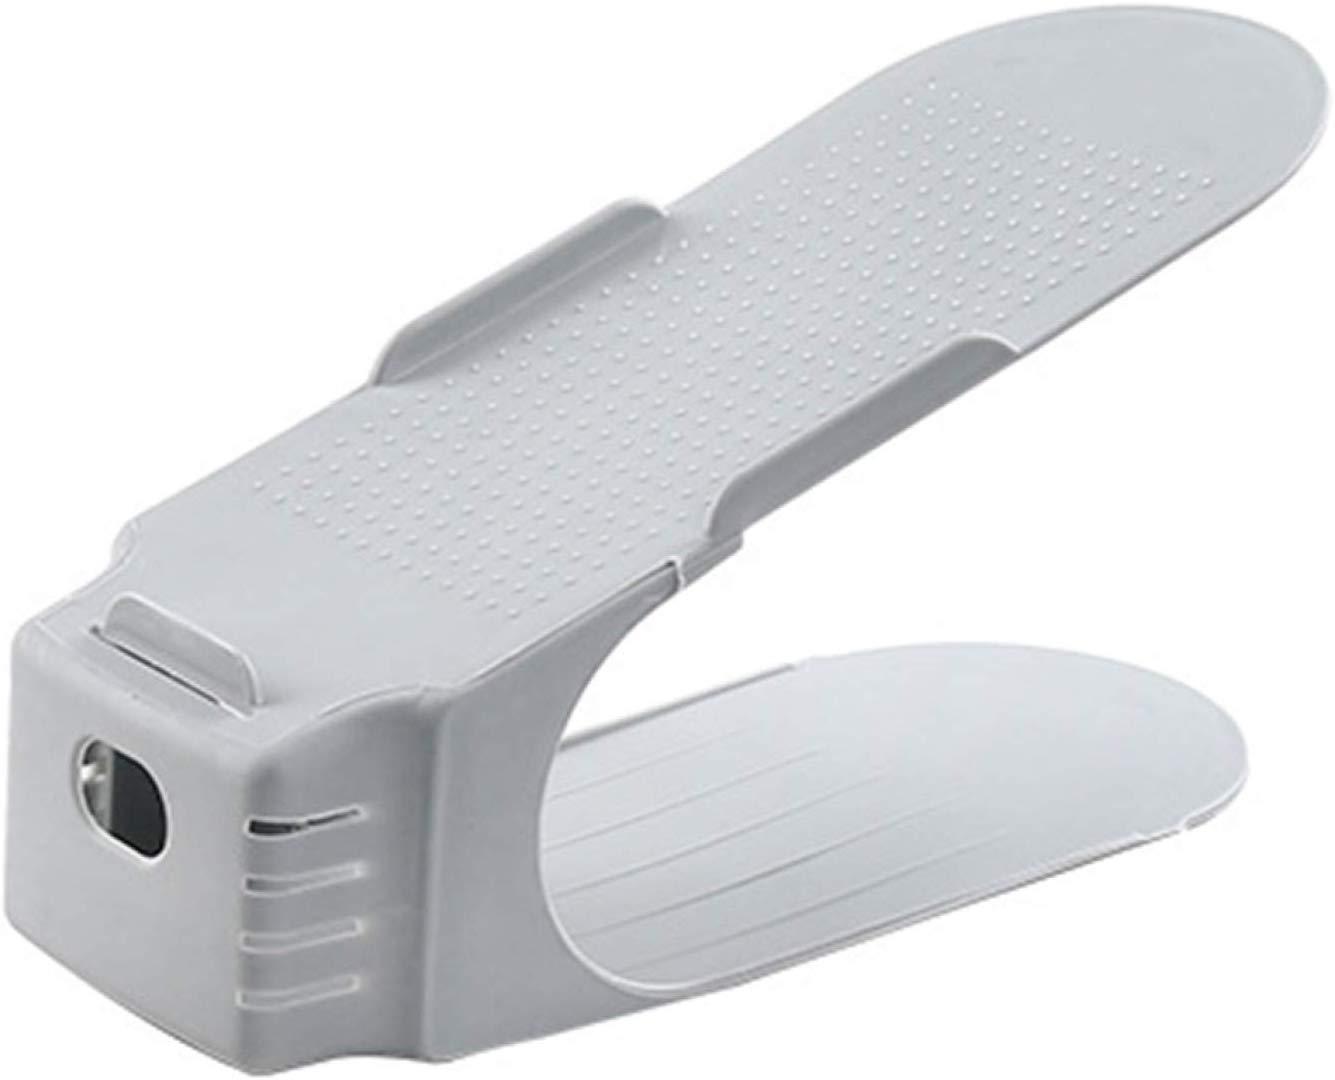 Organizador de Calzado Zapato con Ranura Ajustable Ahorro de Espacio de Almacenamiento Negro Hifeel 8PCS Soporte de Calzado con Ranura Ajustable para Ordenar